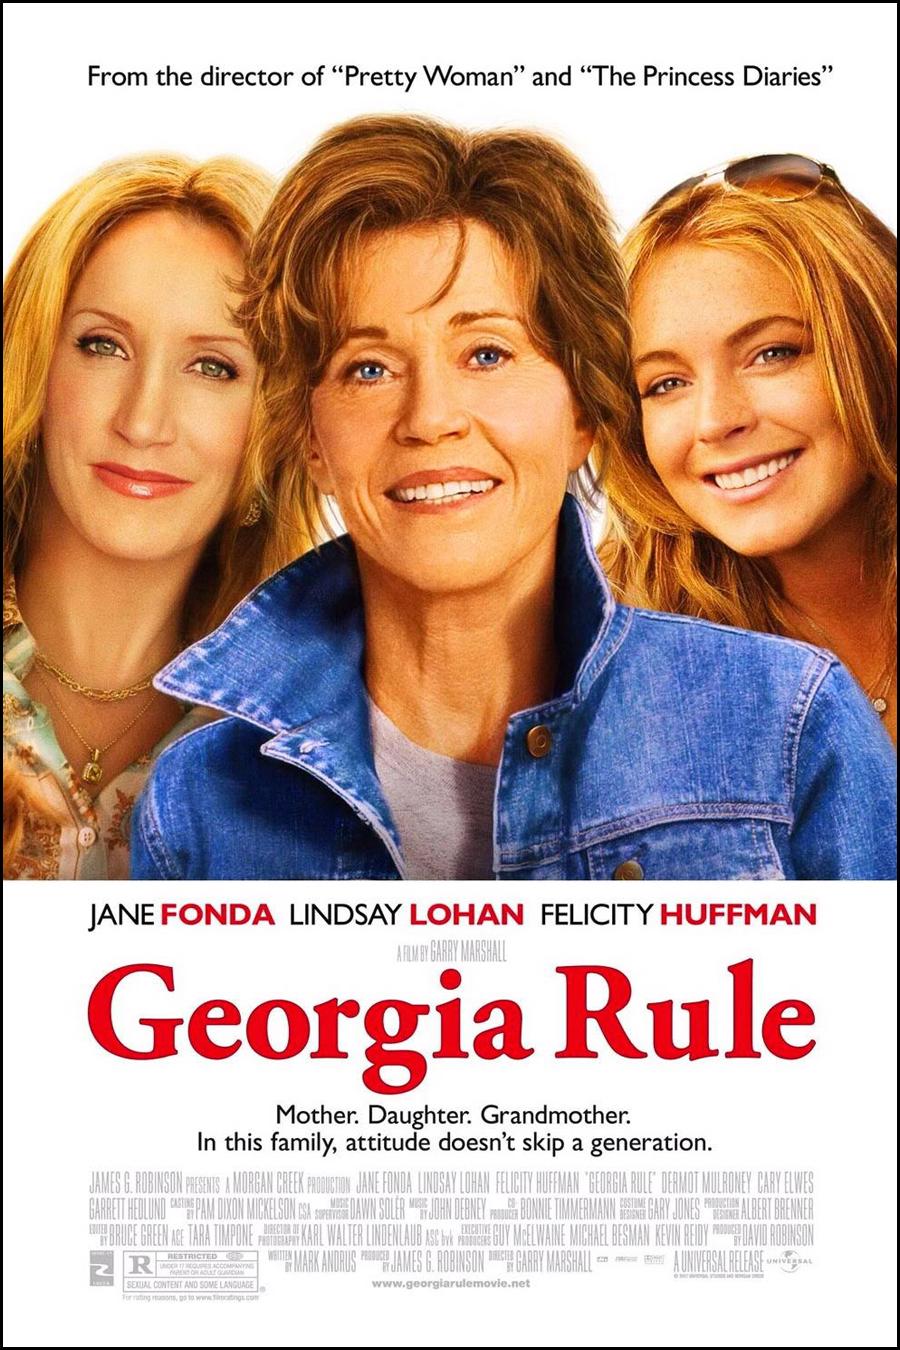 GEORGIA RULE.jpg